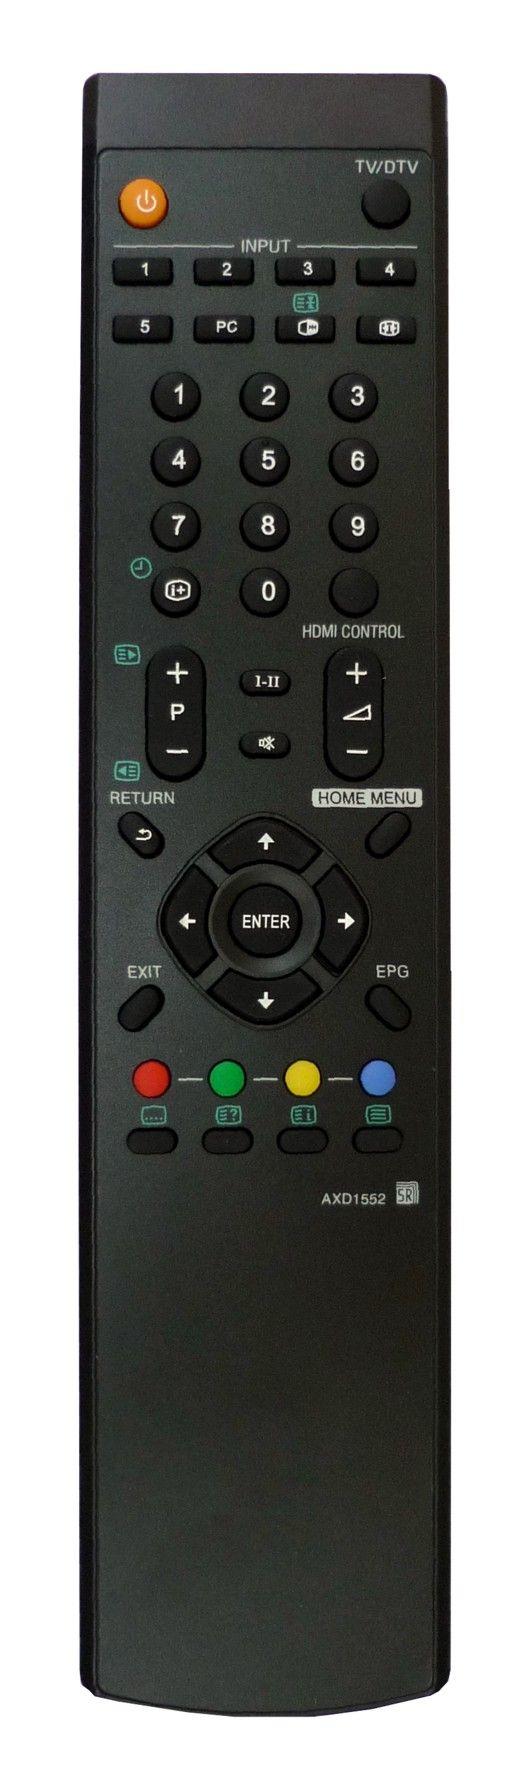 инструкция телевизора lg ct-29q45rq